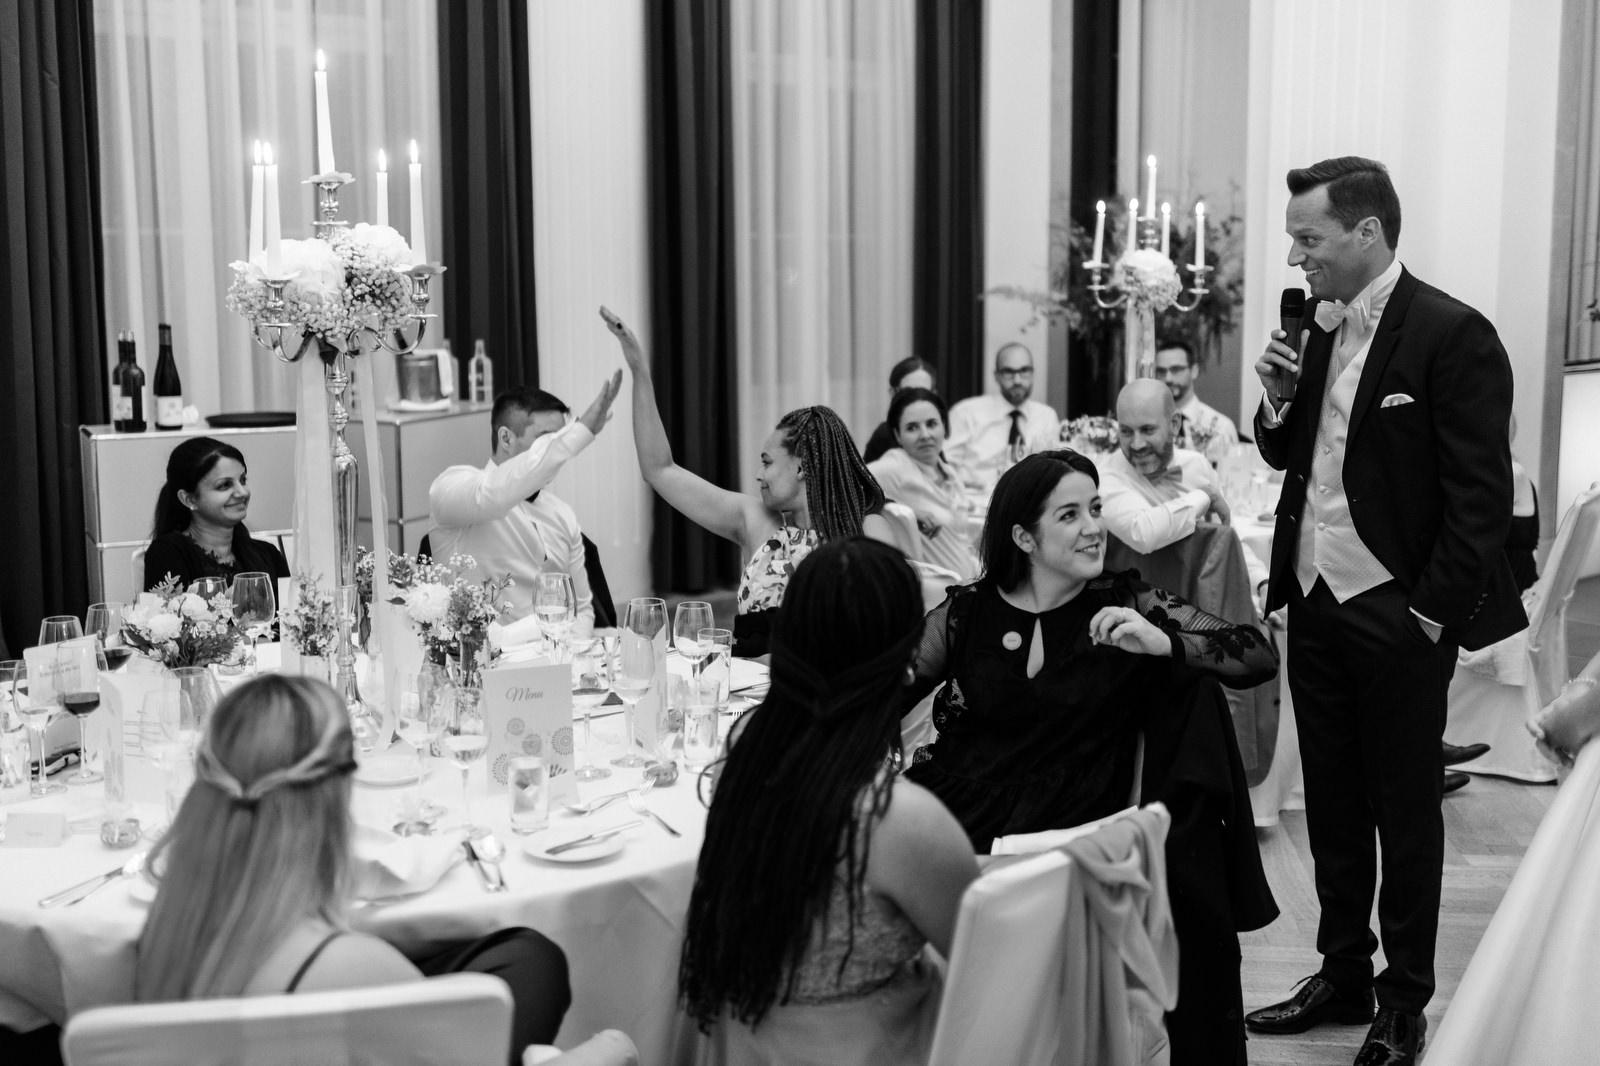 Fotograf Konstanz - Luxus Hochzeit Fotograf Grand Resort Bad Ragaz Schweiz Lichtenstein 168 - Destination wedding at the Grand Resort Bad Ragaz, Swiss  - 199 -